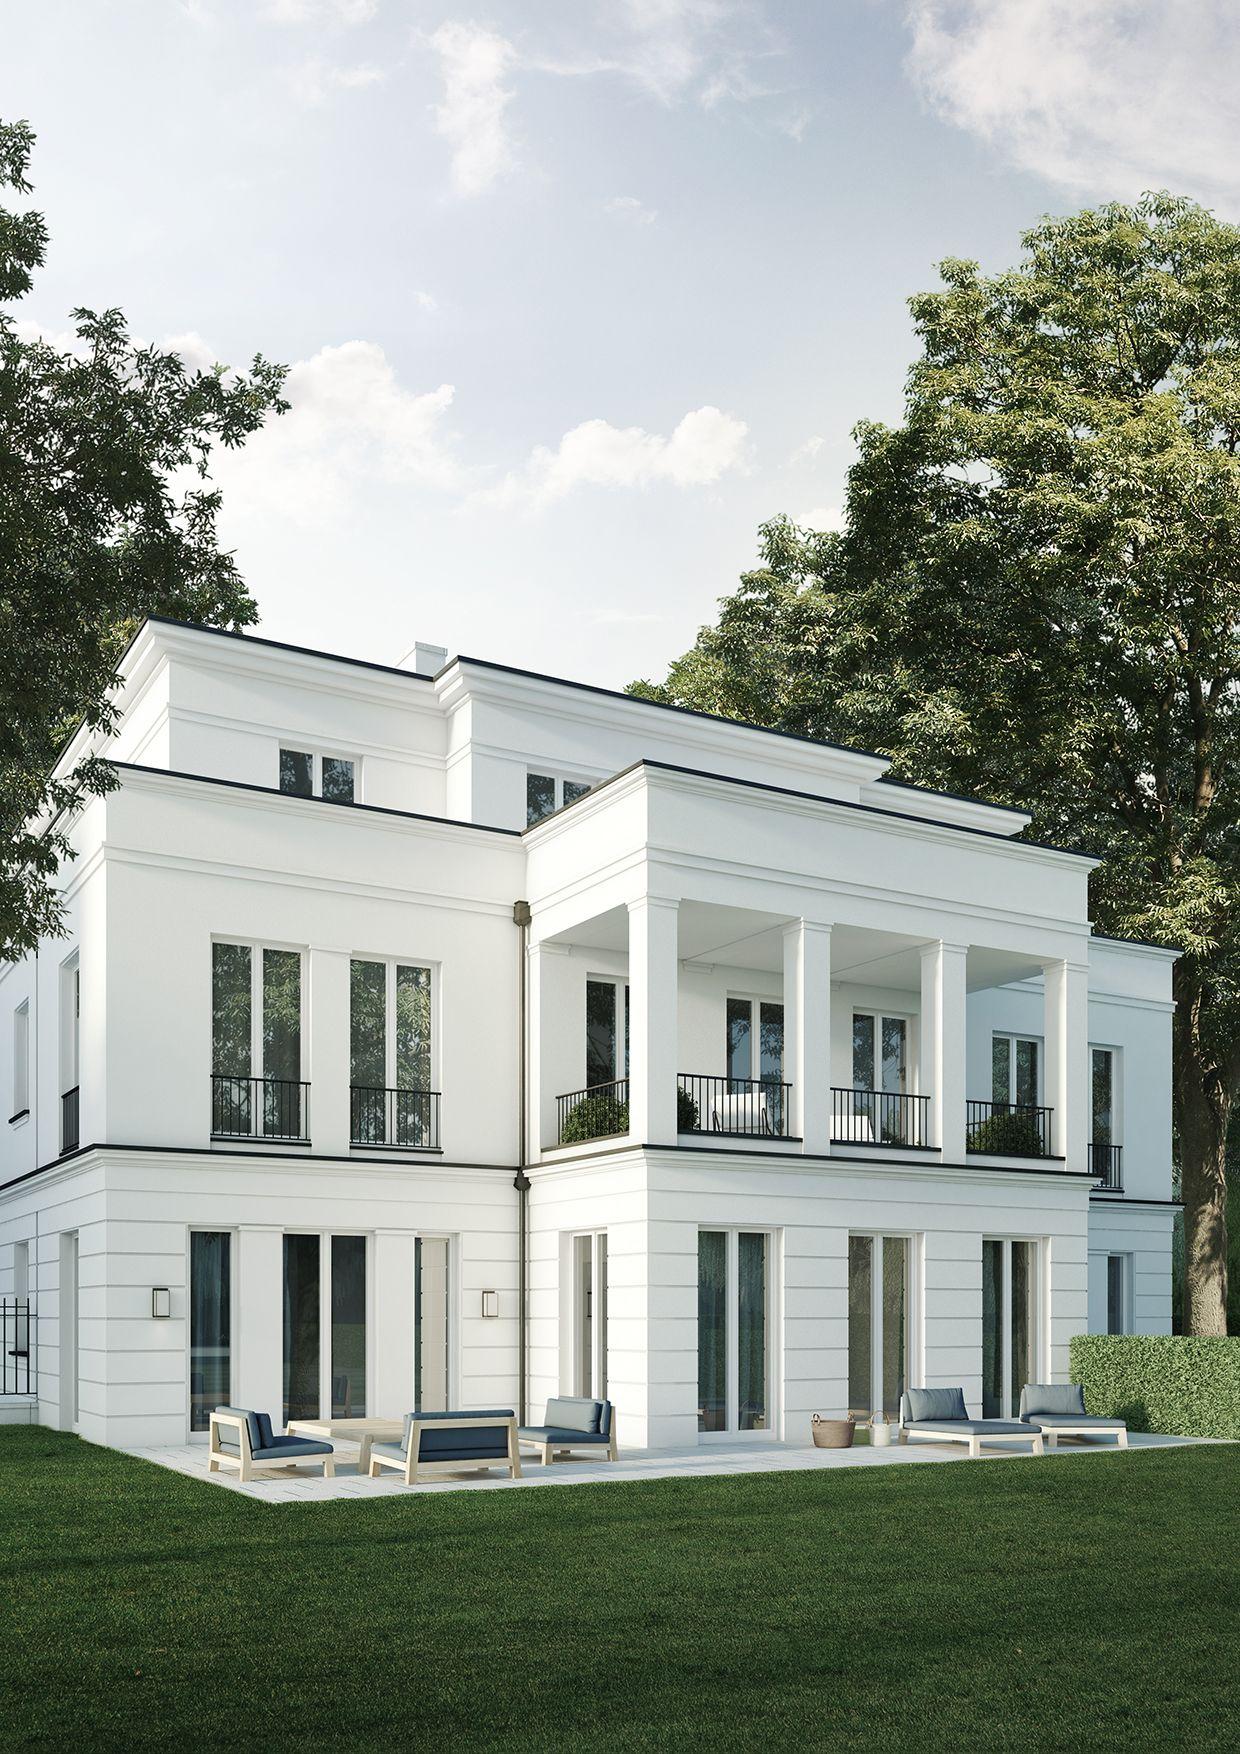 wohnhaus mit 4 wohneinheiten berlin grunewald projekte pinterest wohnhaus berlin und. Black Bedroom Furniture Sets. Home Design Ideas